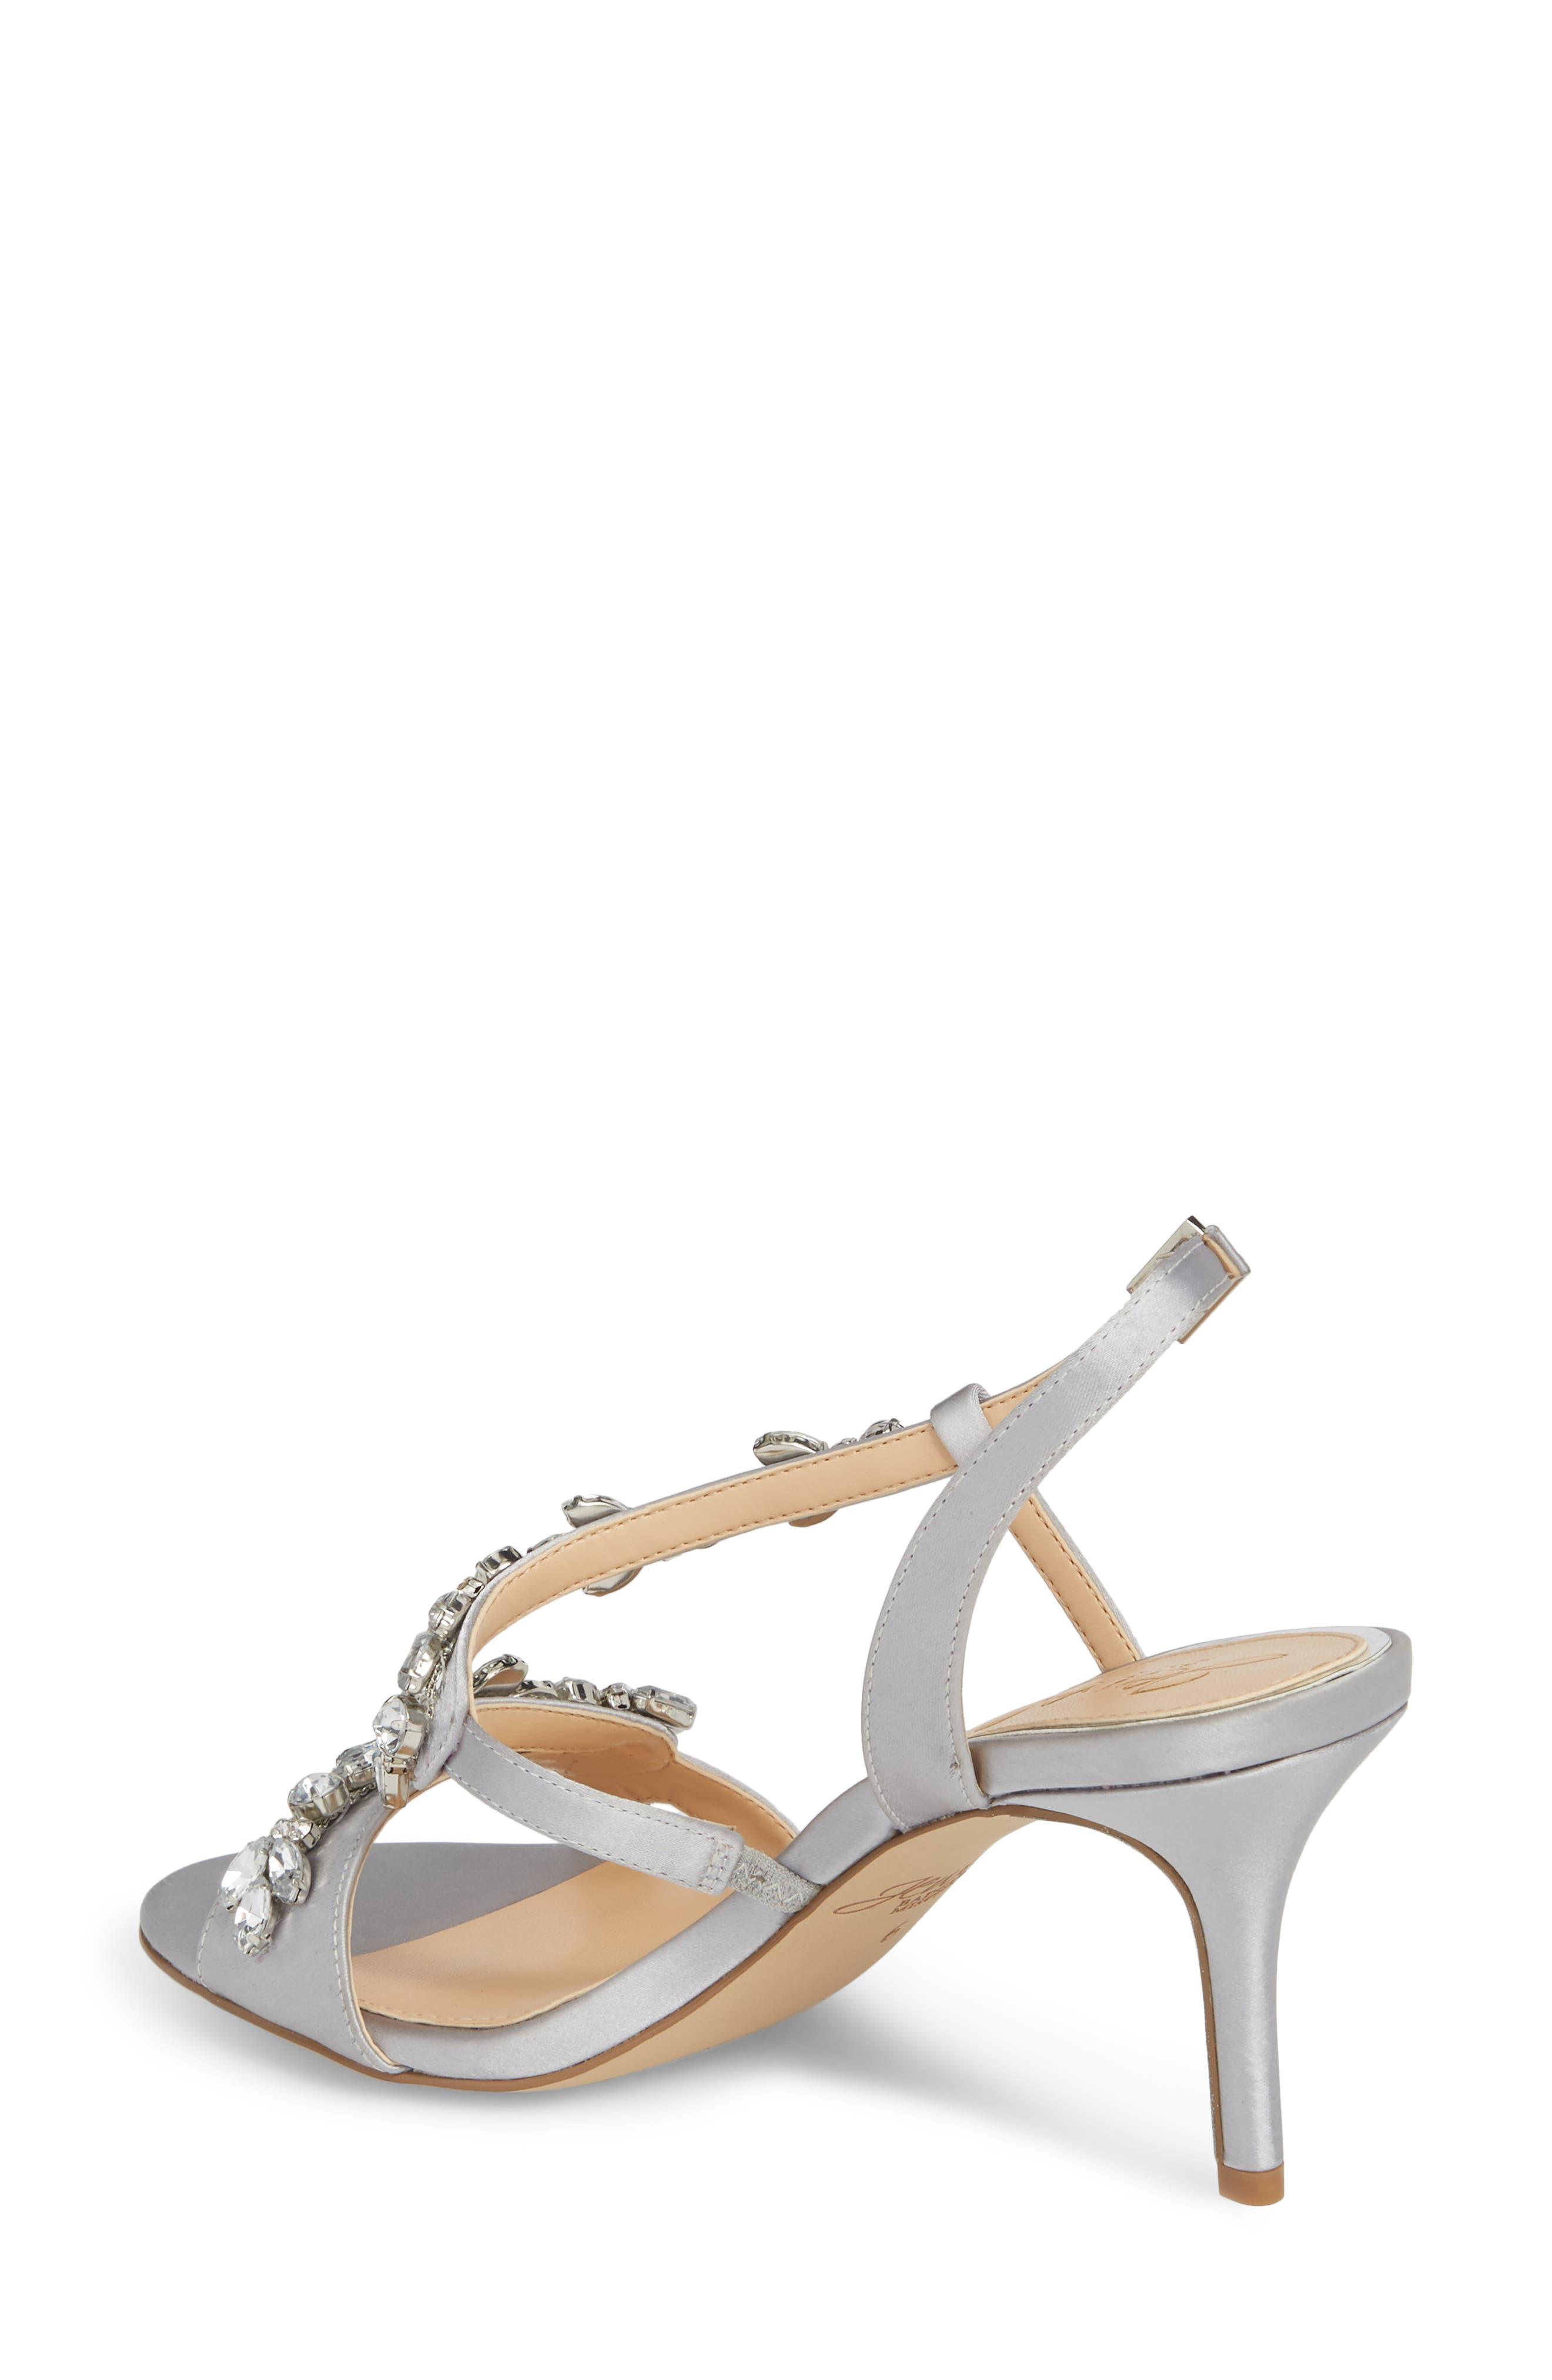 Badgley Mischka Ganet Embellished Sandal,                             Alternate thumbnail 2, color,                             Silver Satin